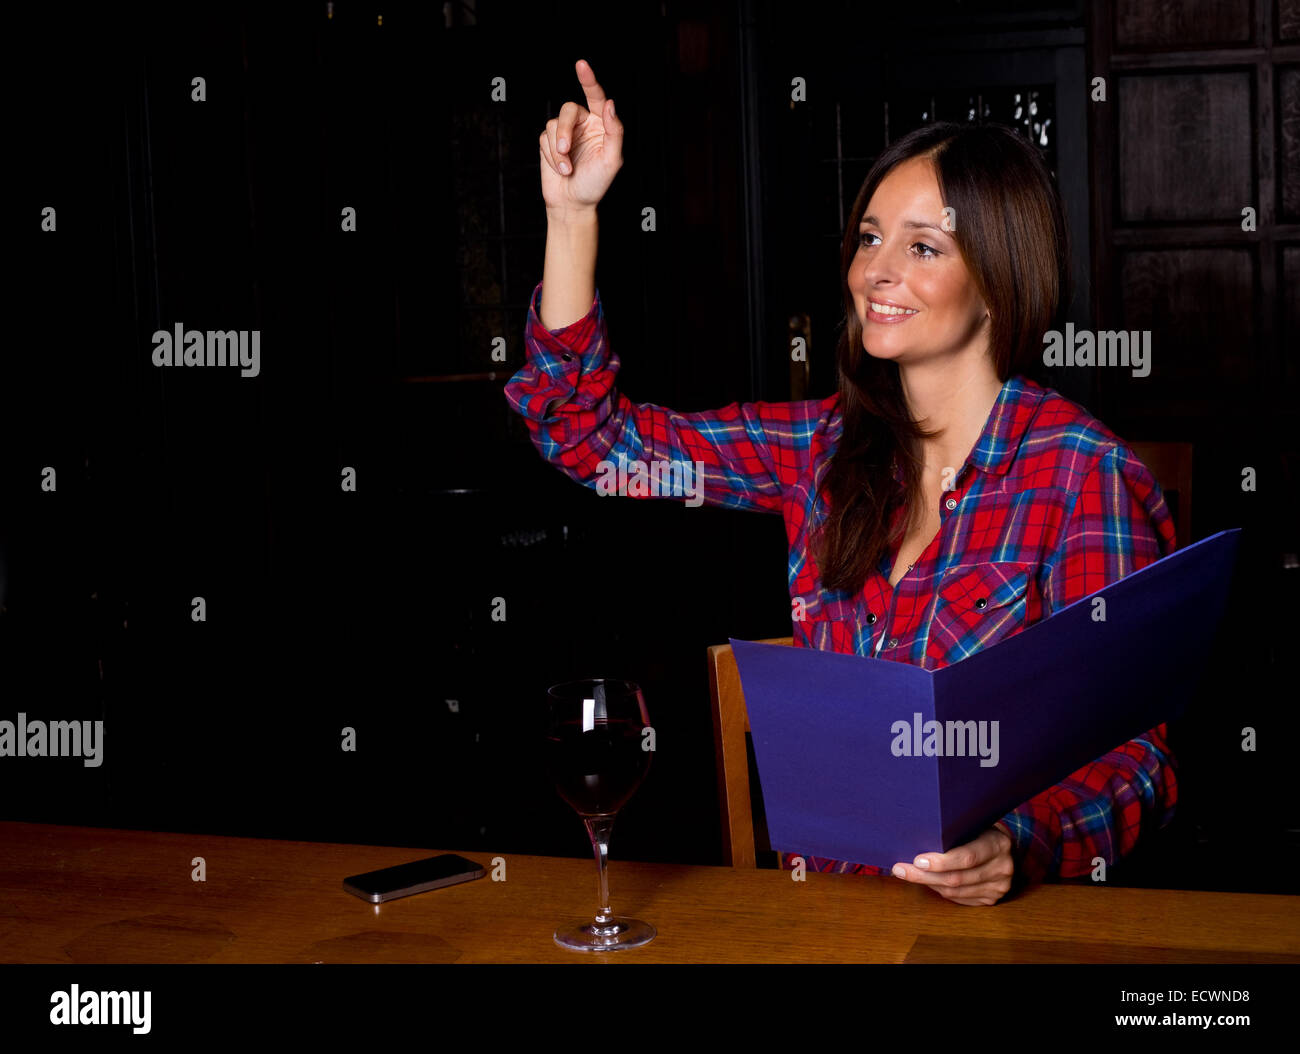 young woman looking at a menu. - Stock Image